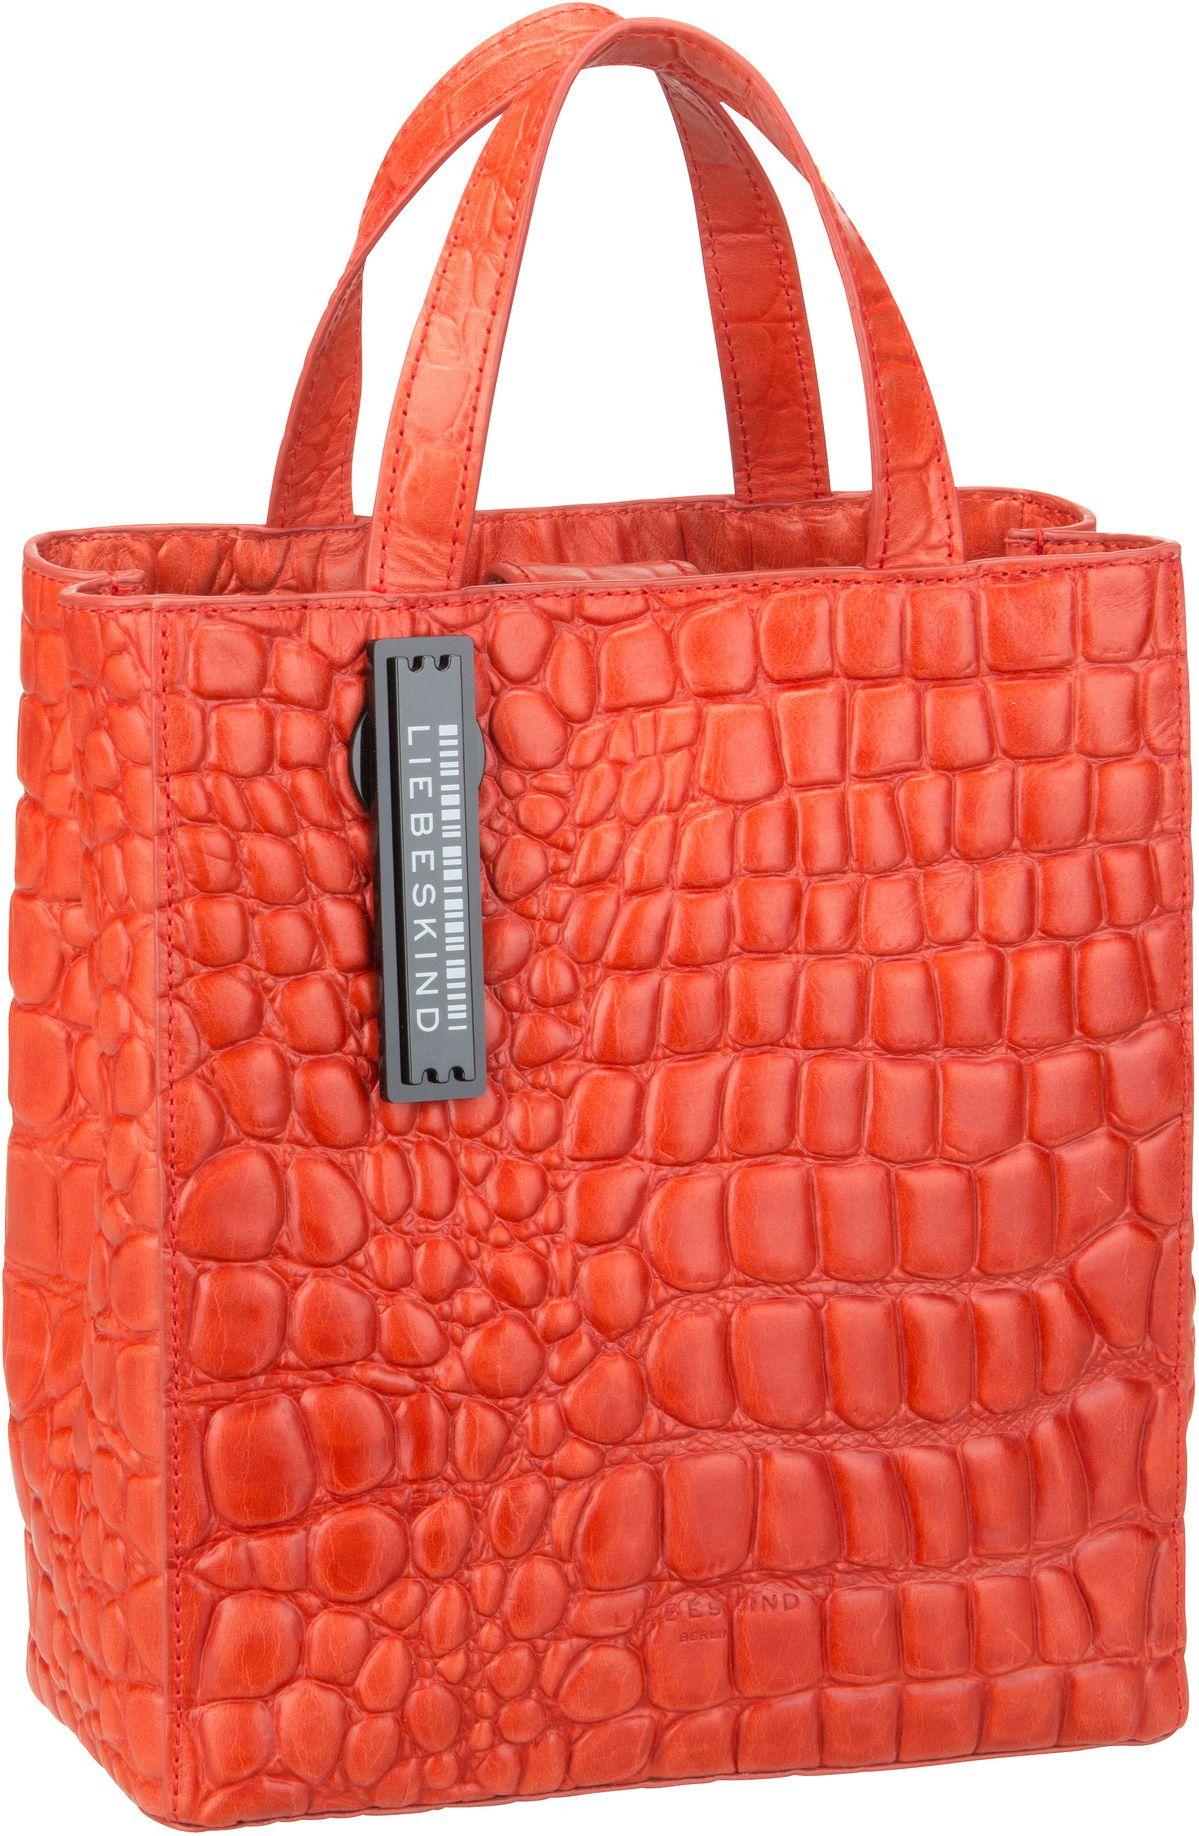 Berlin Handtasche Paper Bag Croco Tote S Pumpkin